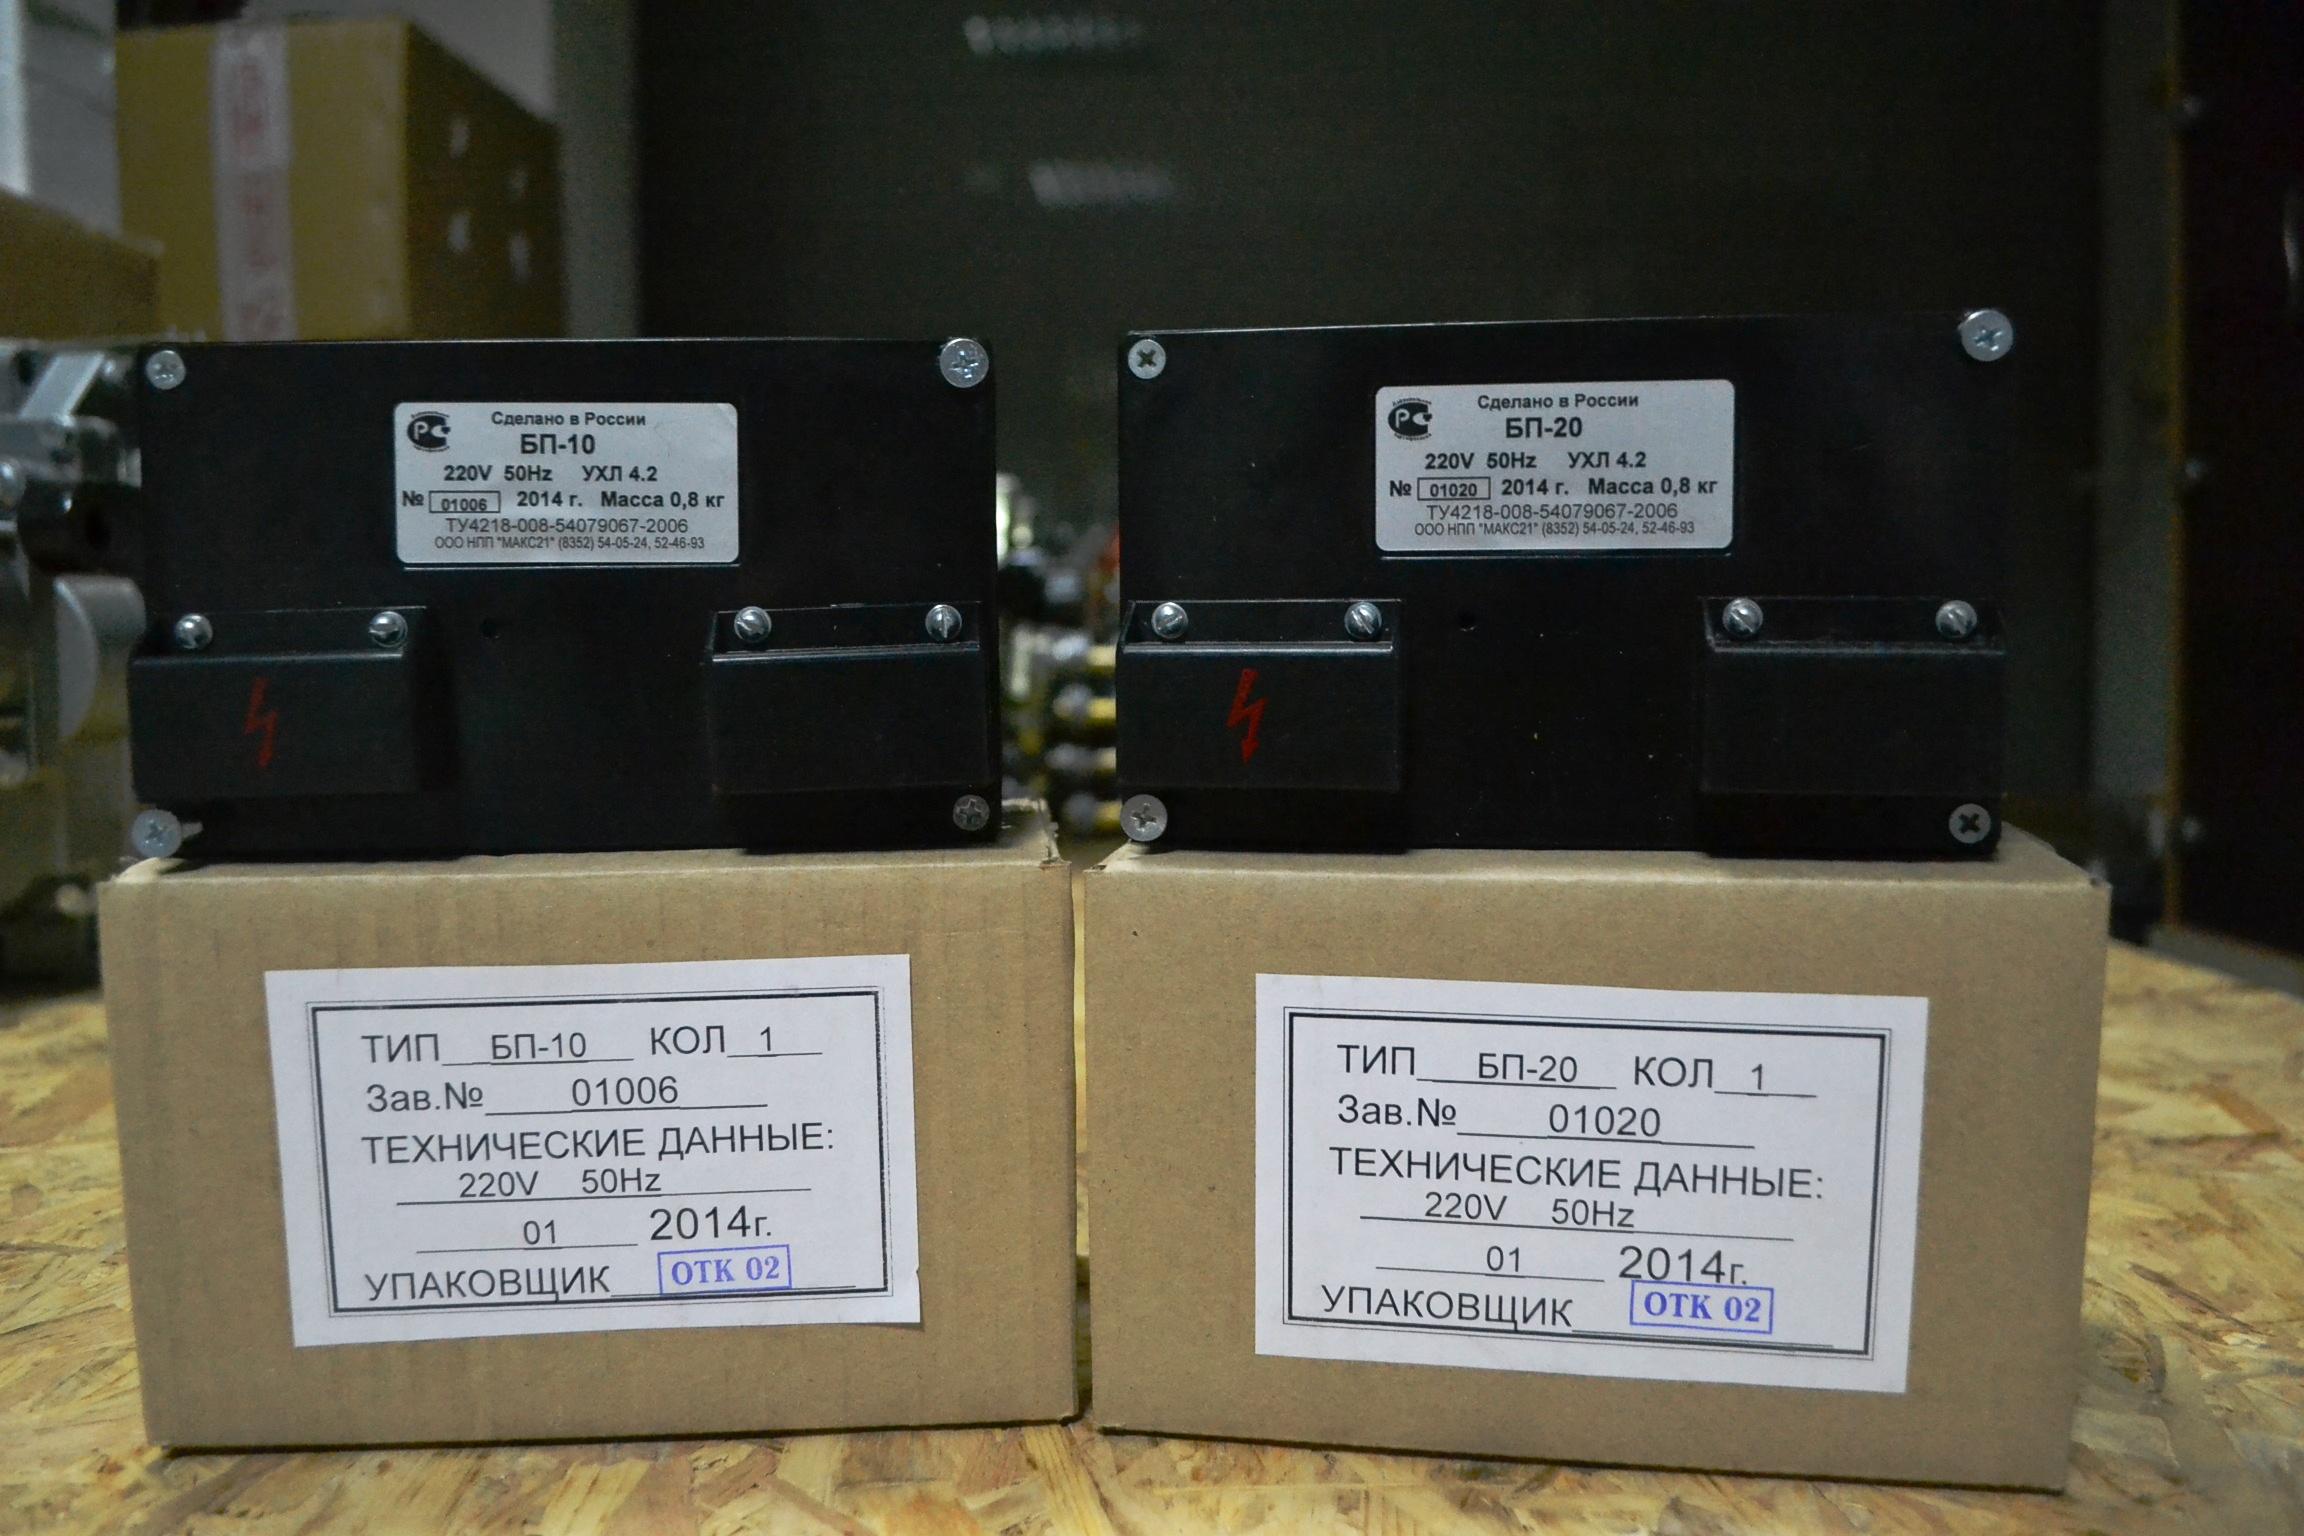 Электропривод ТУ 25-7551.0005-90 с БСПИ, БСПР, БСПТ